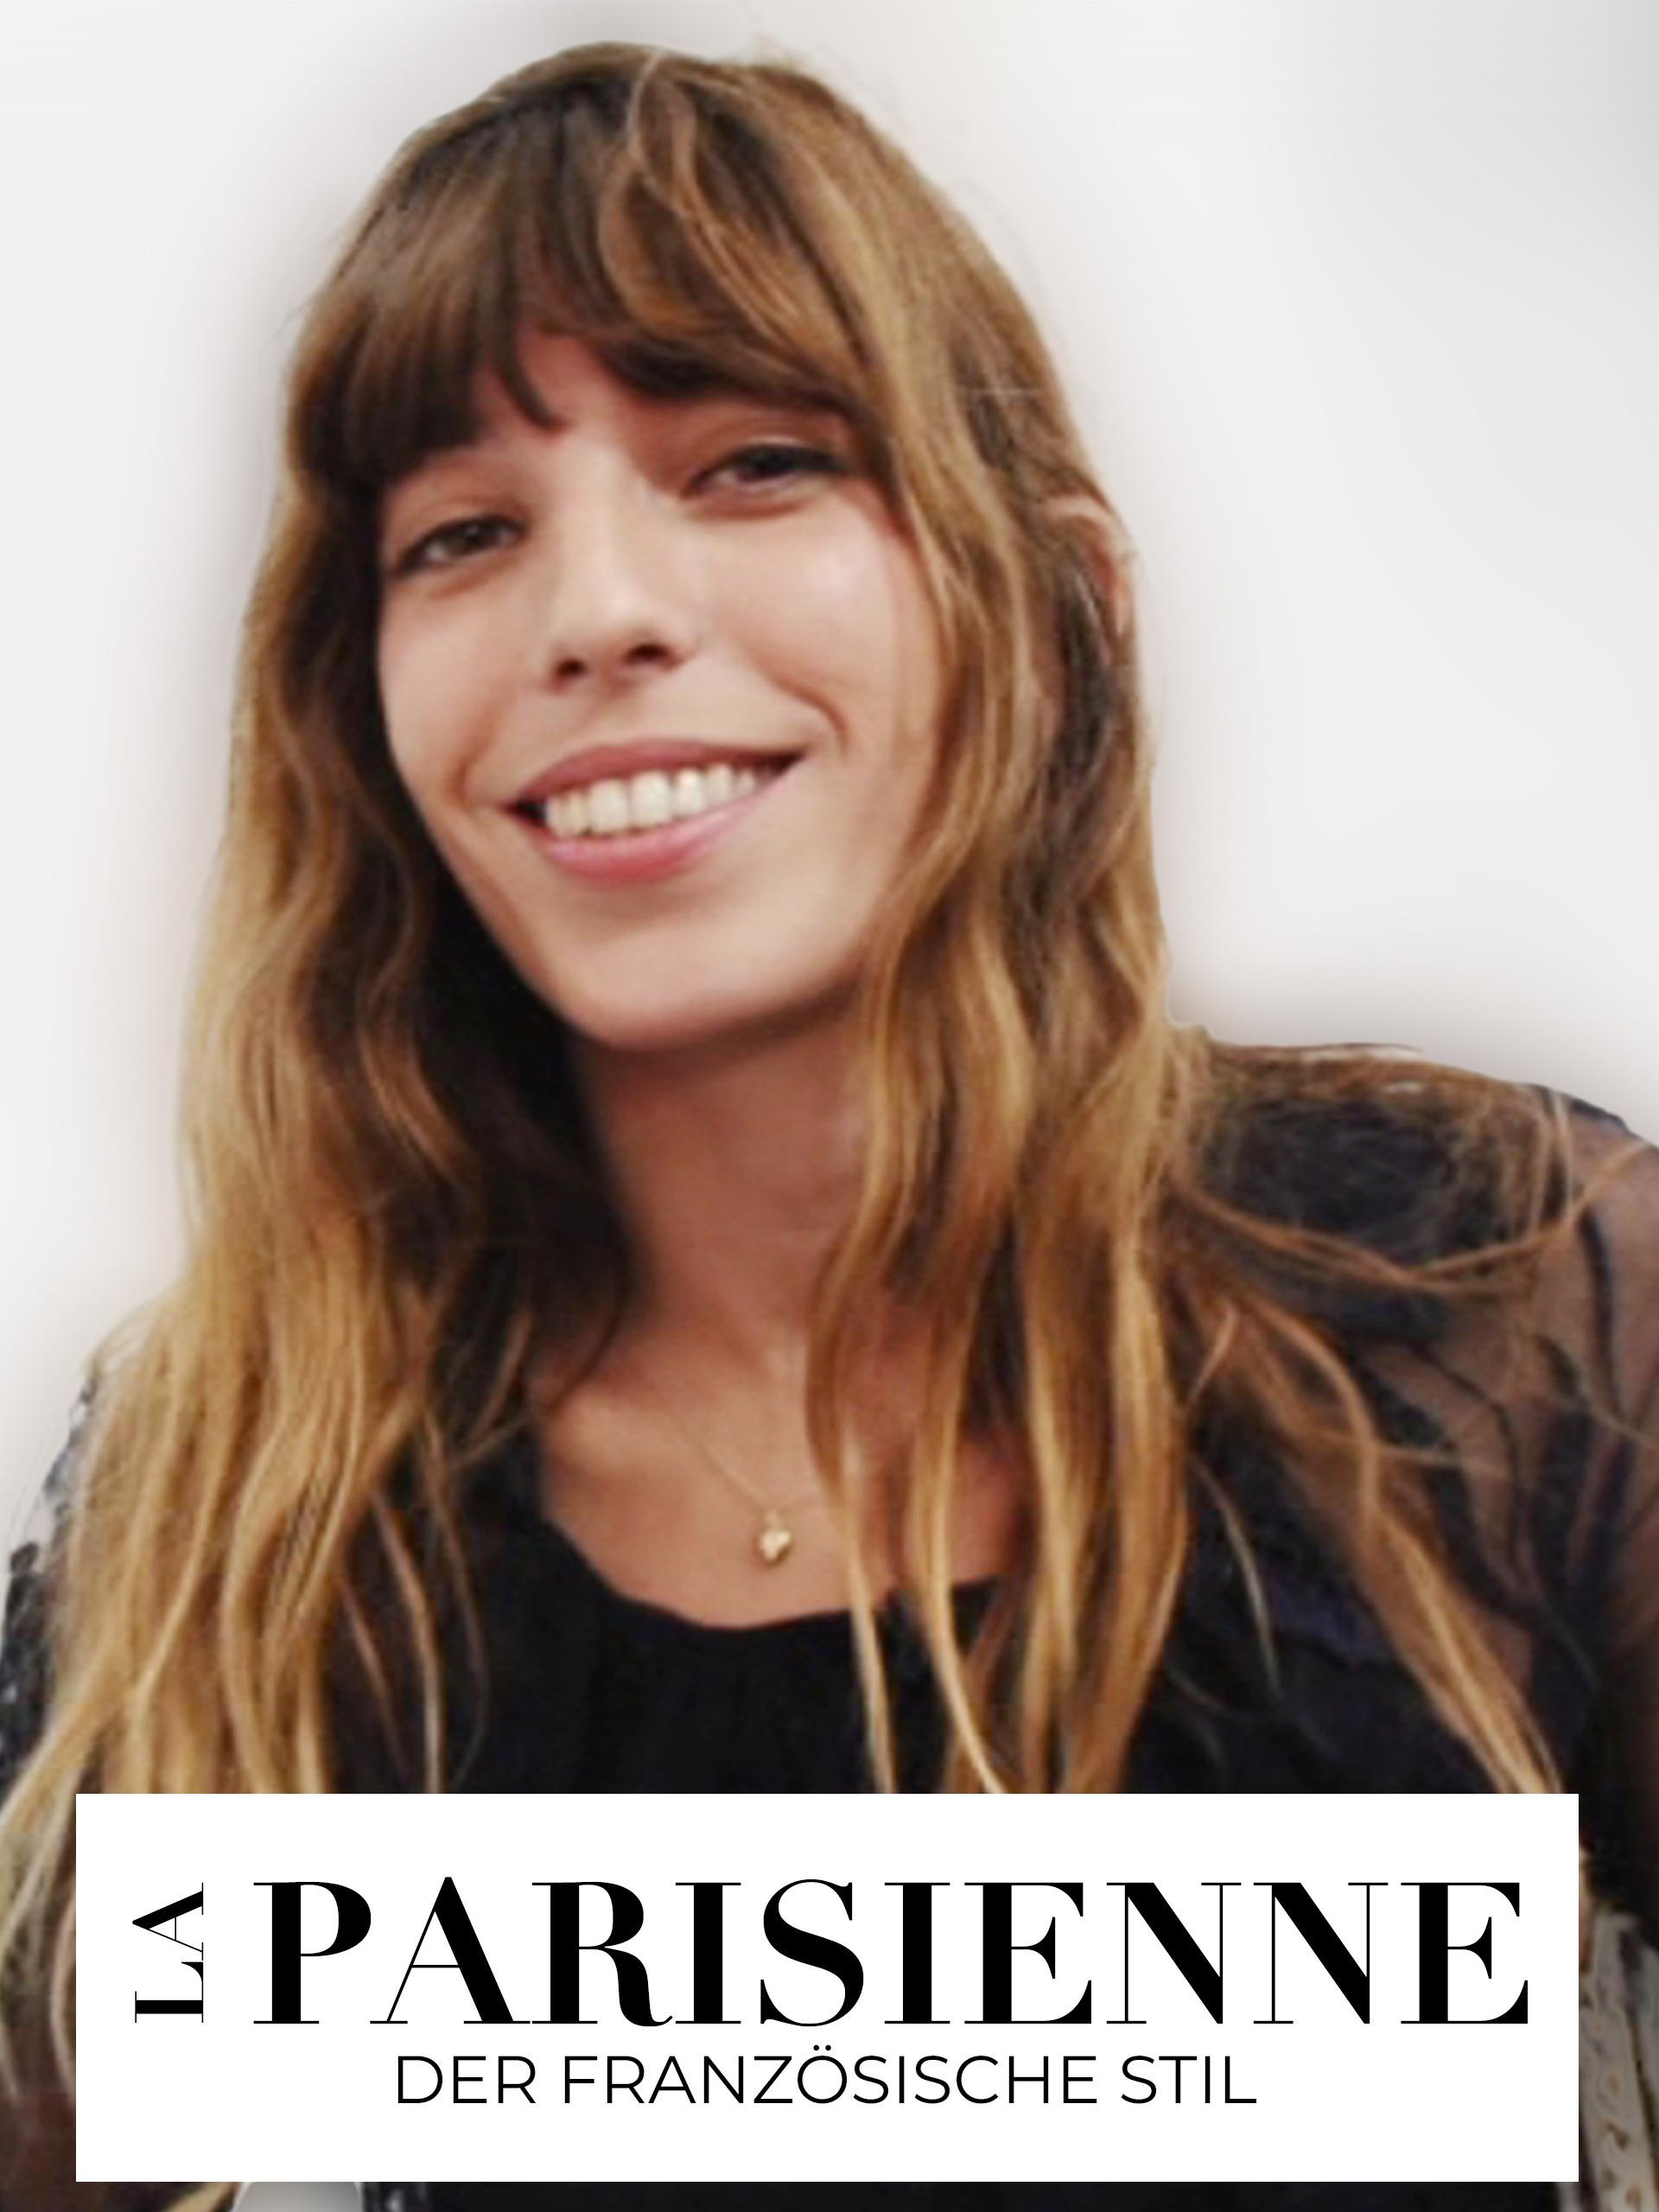 La Parisienne - Der französische Stil